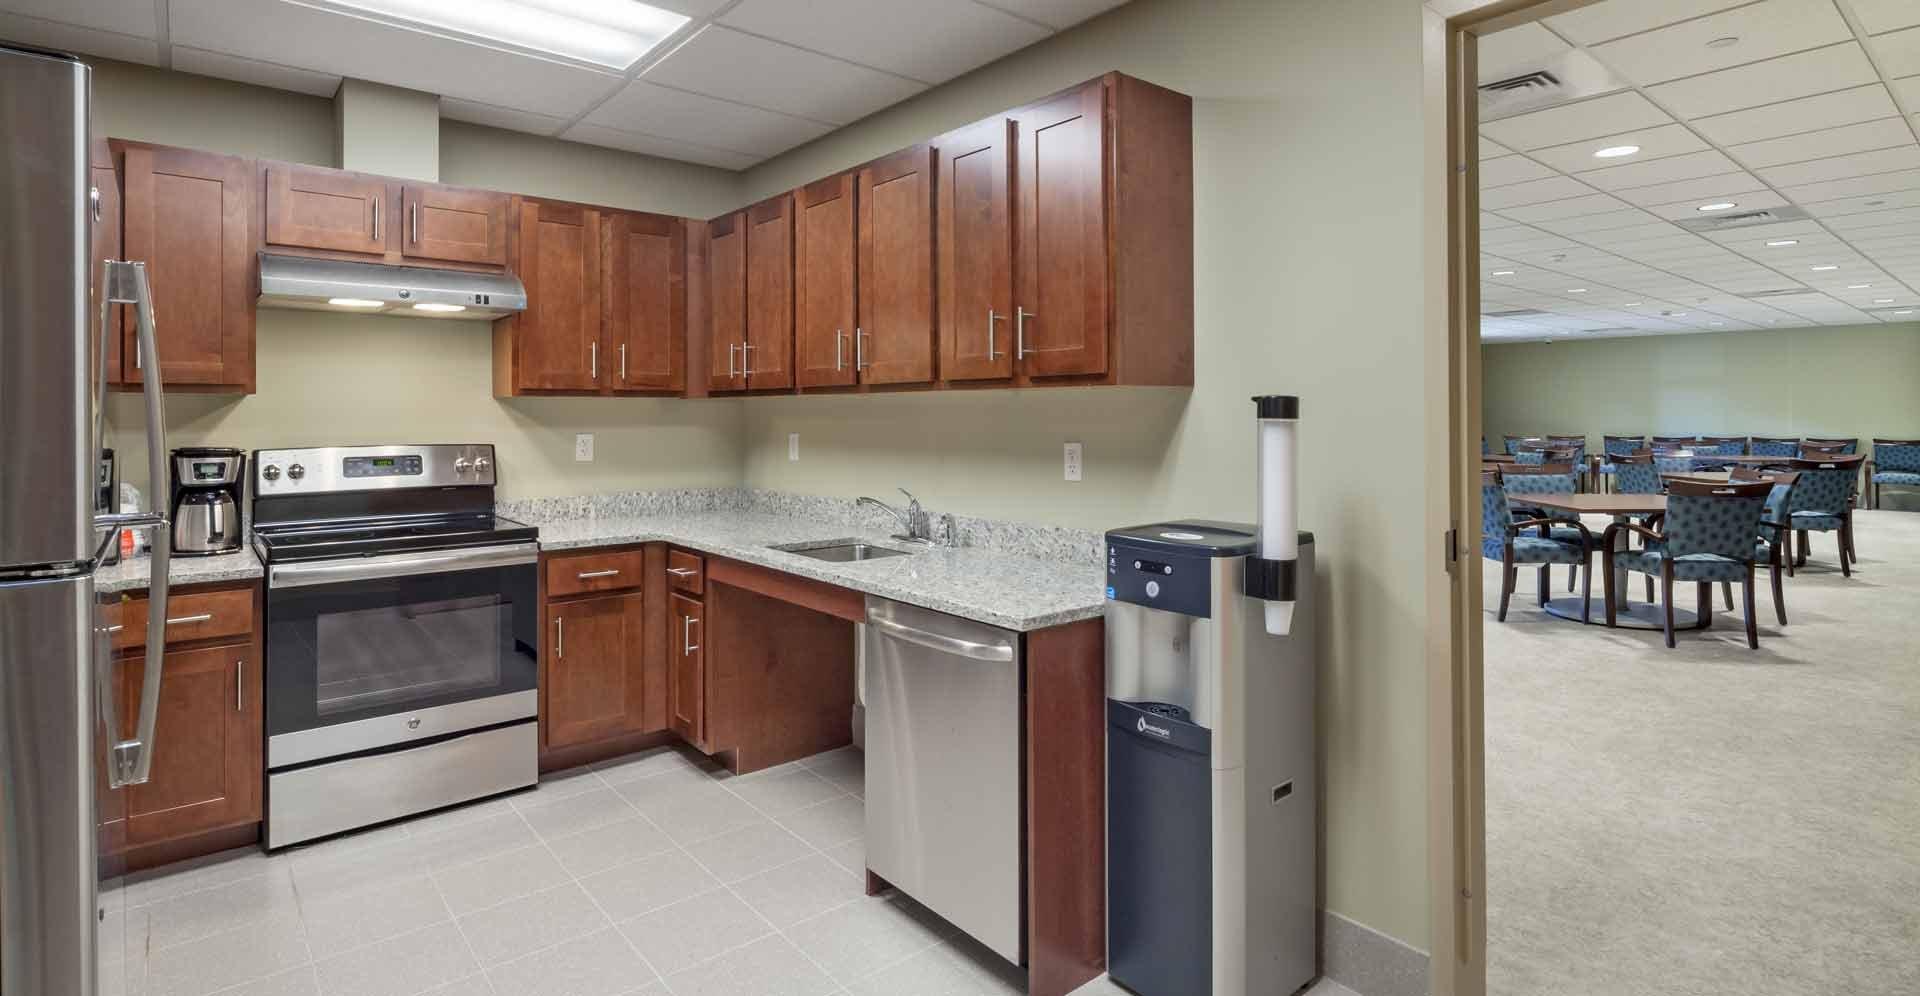 05--992Summer05_kitchen_WEB.jpg